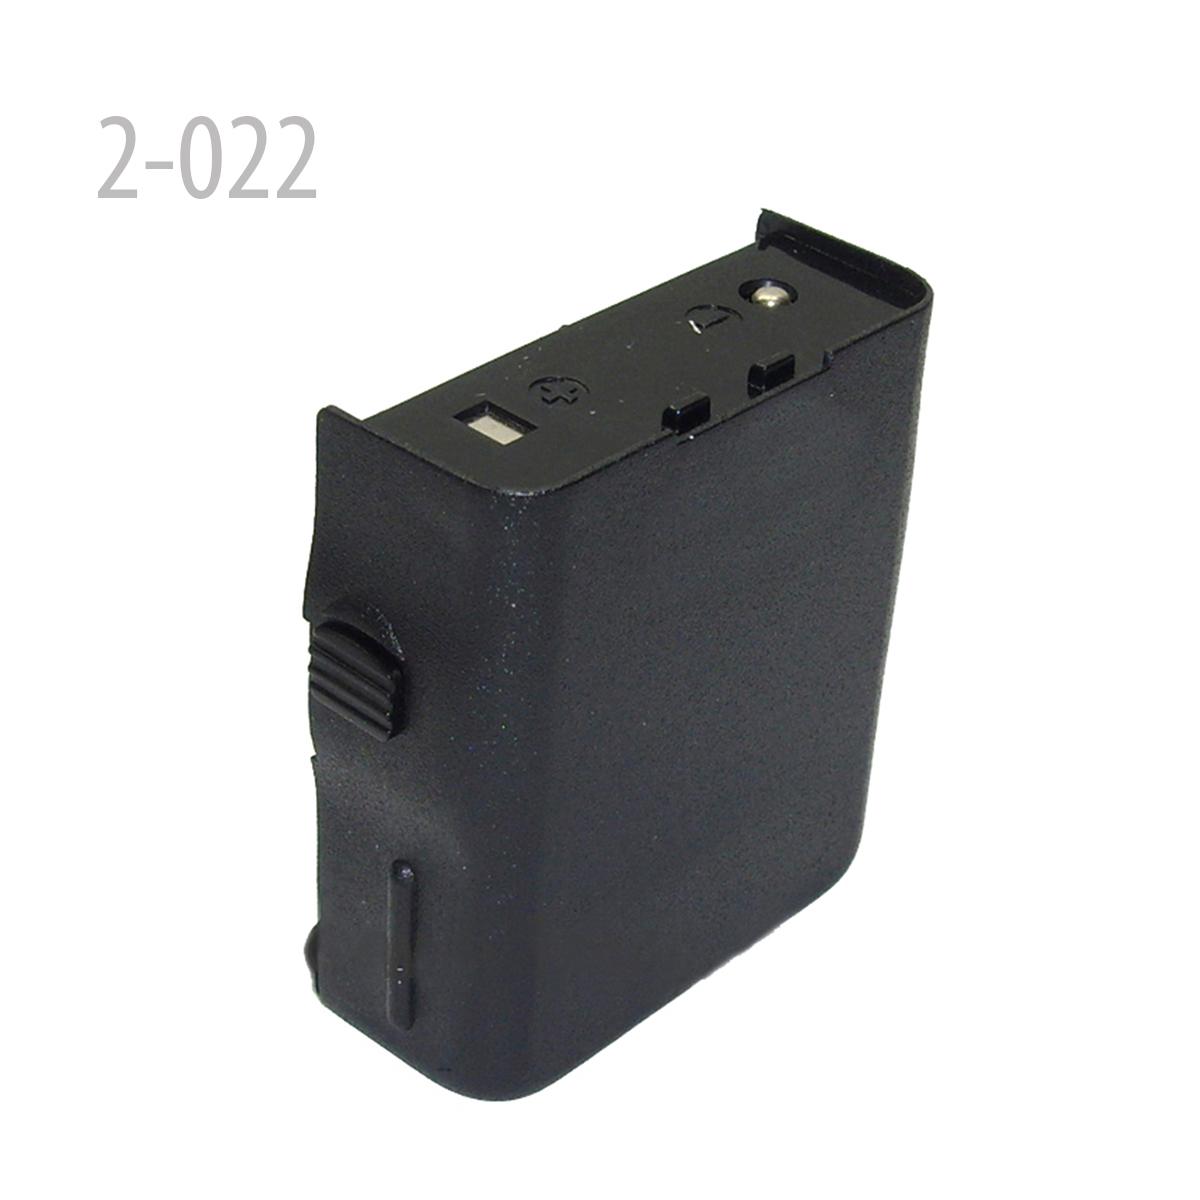 7.5V 600mAh Battery for MotorolaGP-68